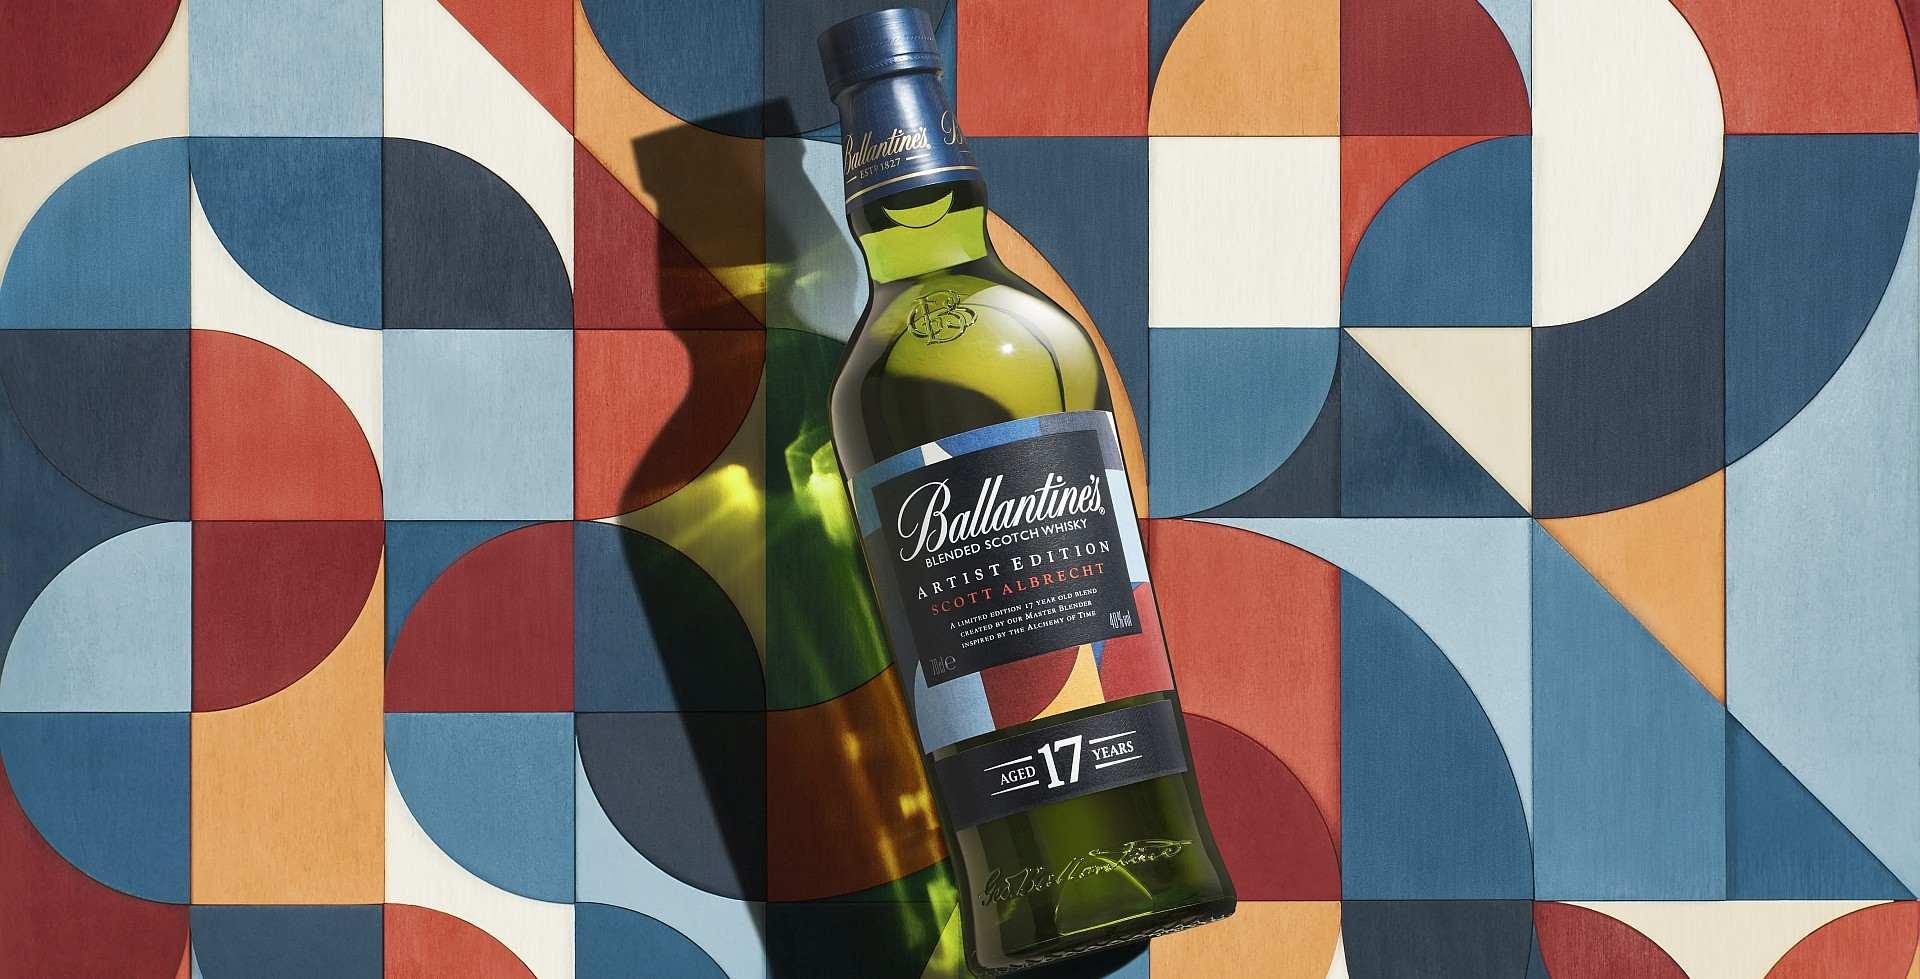 以時光造藝:百齡罈17年蘇格蘭威士忌藝時之選限定版全新風味限量上市